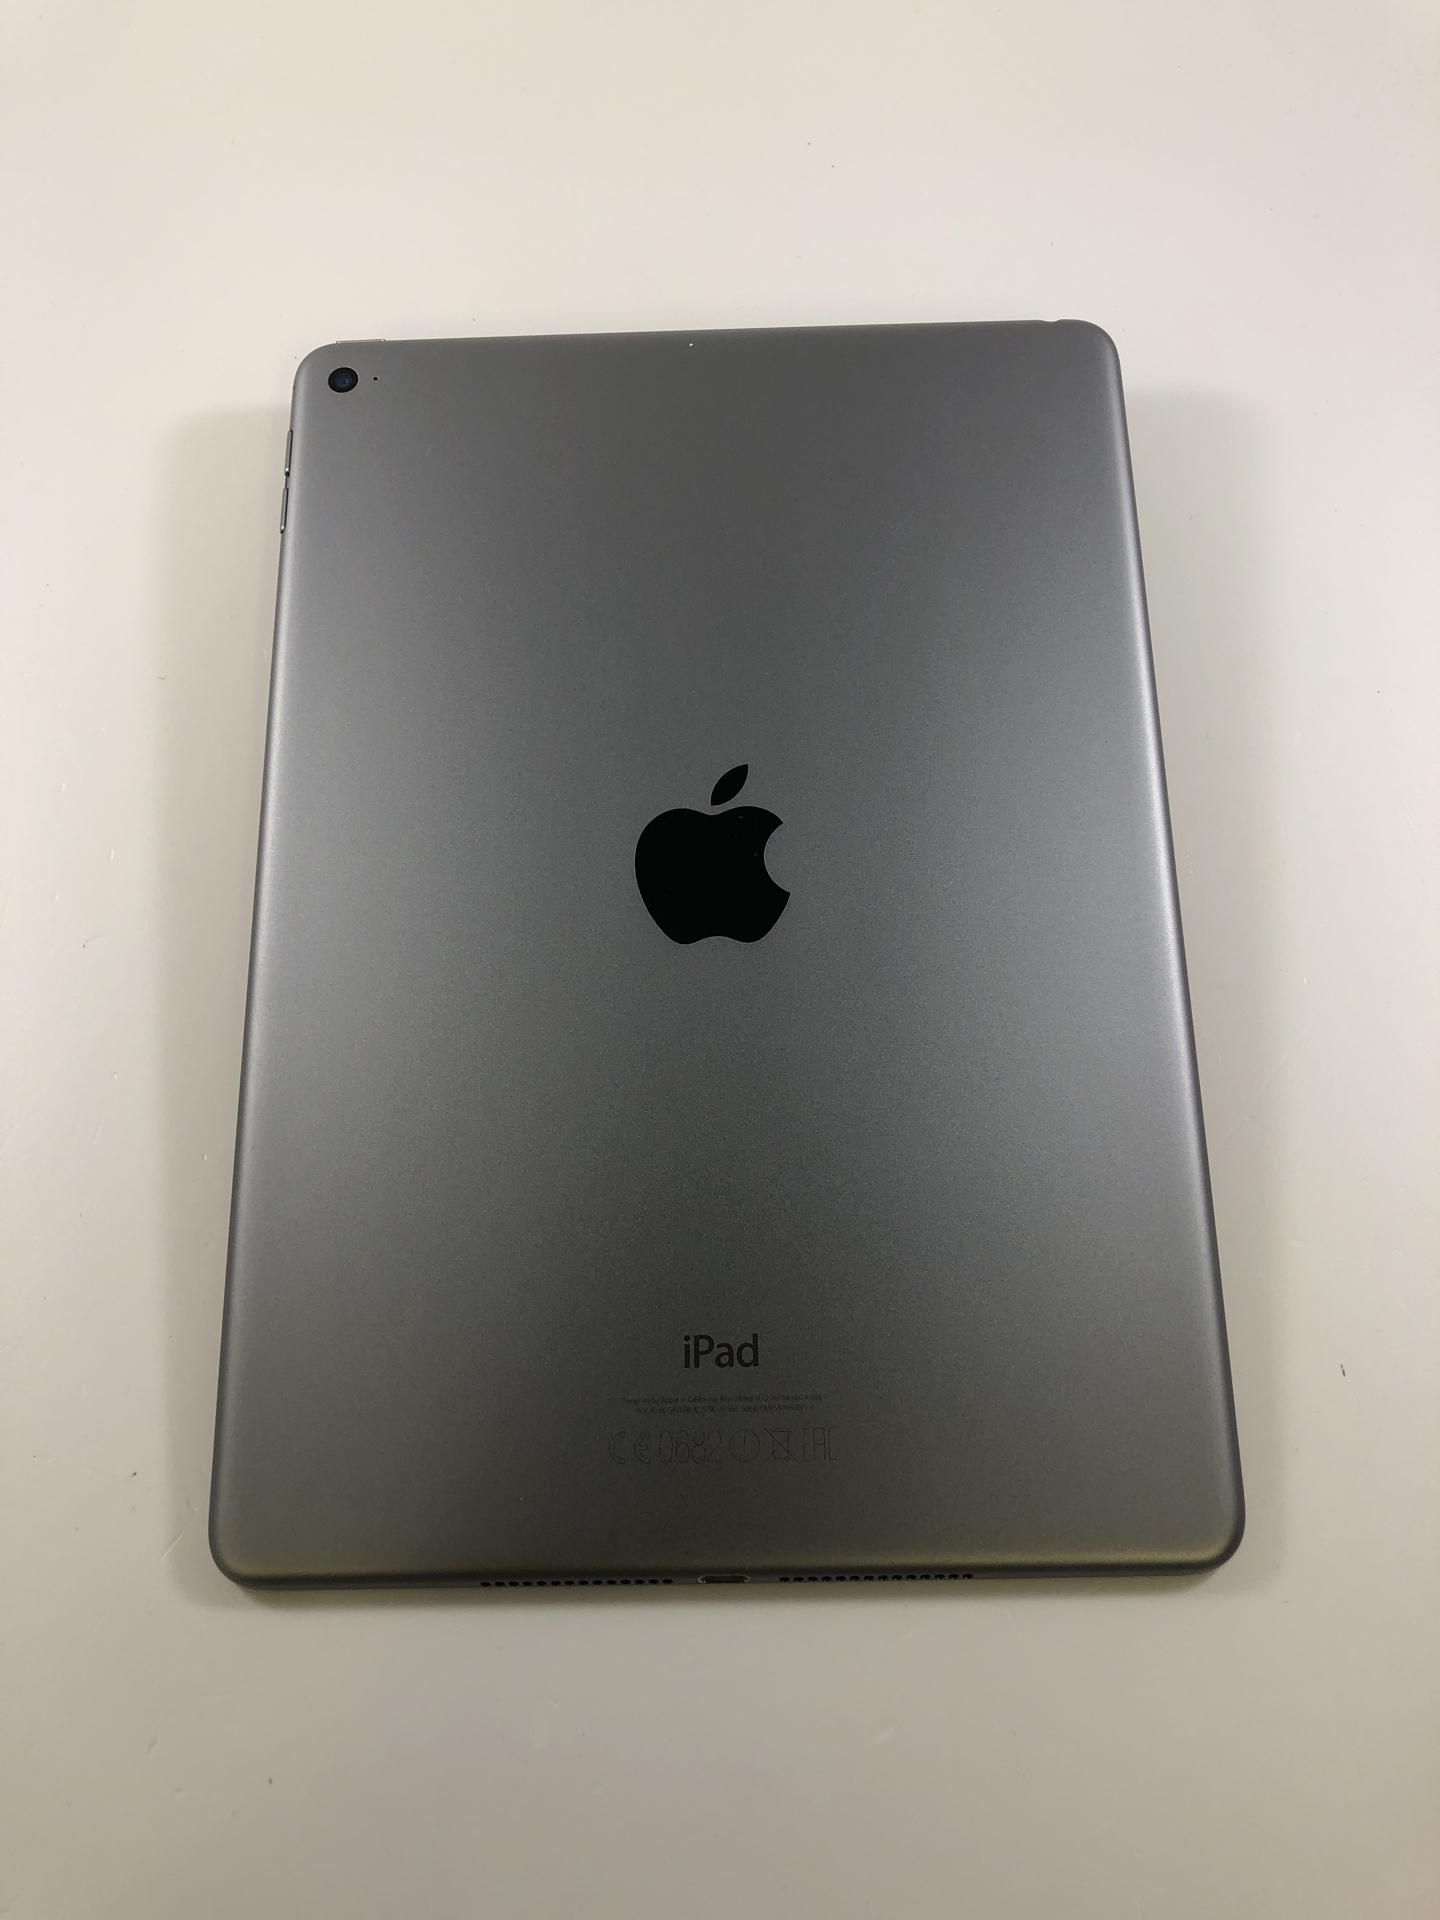 iPad Air 2 Wi-Fi 16GB, 16GB, Space Gray, Bild 2